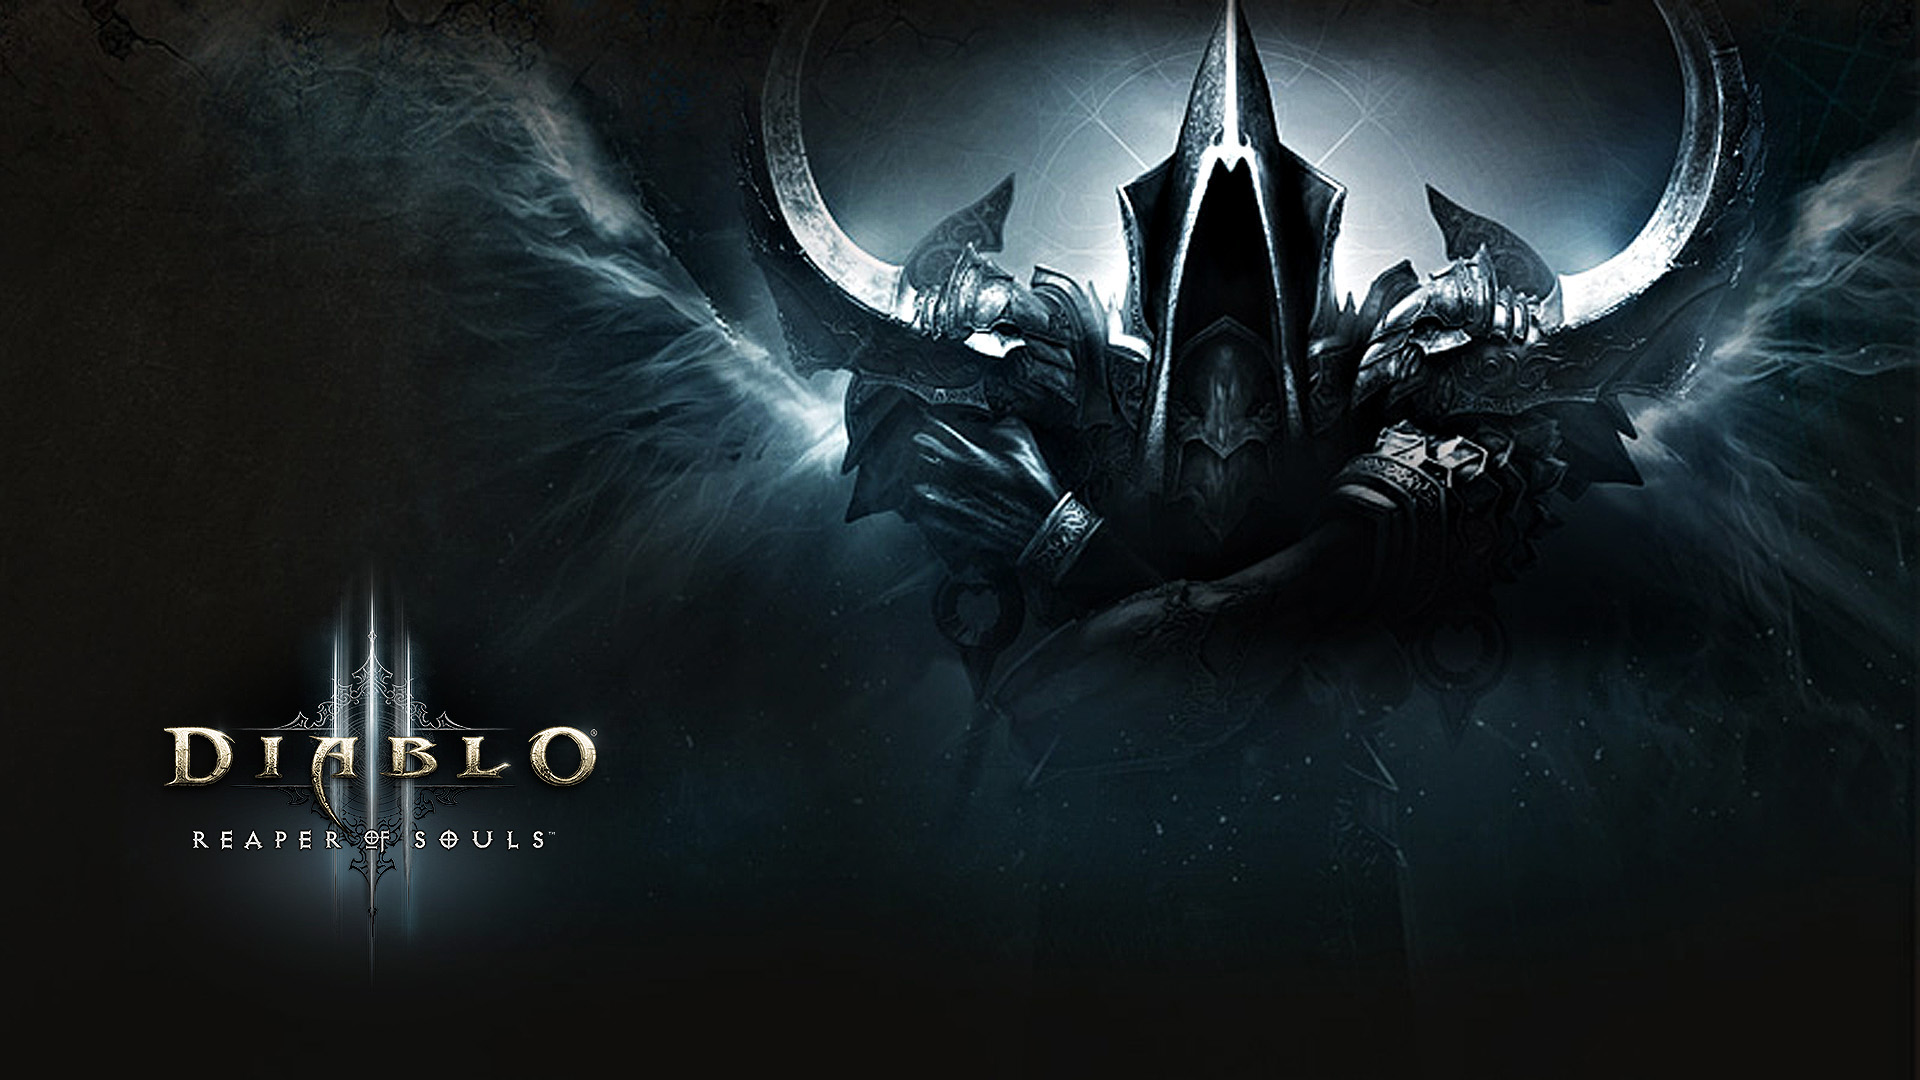 Diablo 3 Wallpaper 1920x1080: Diablo 3 HD Wallpapers Widescreen